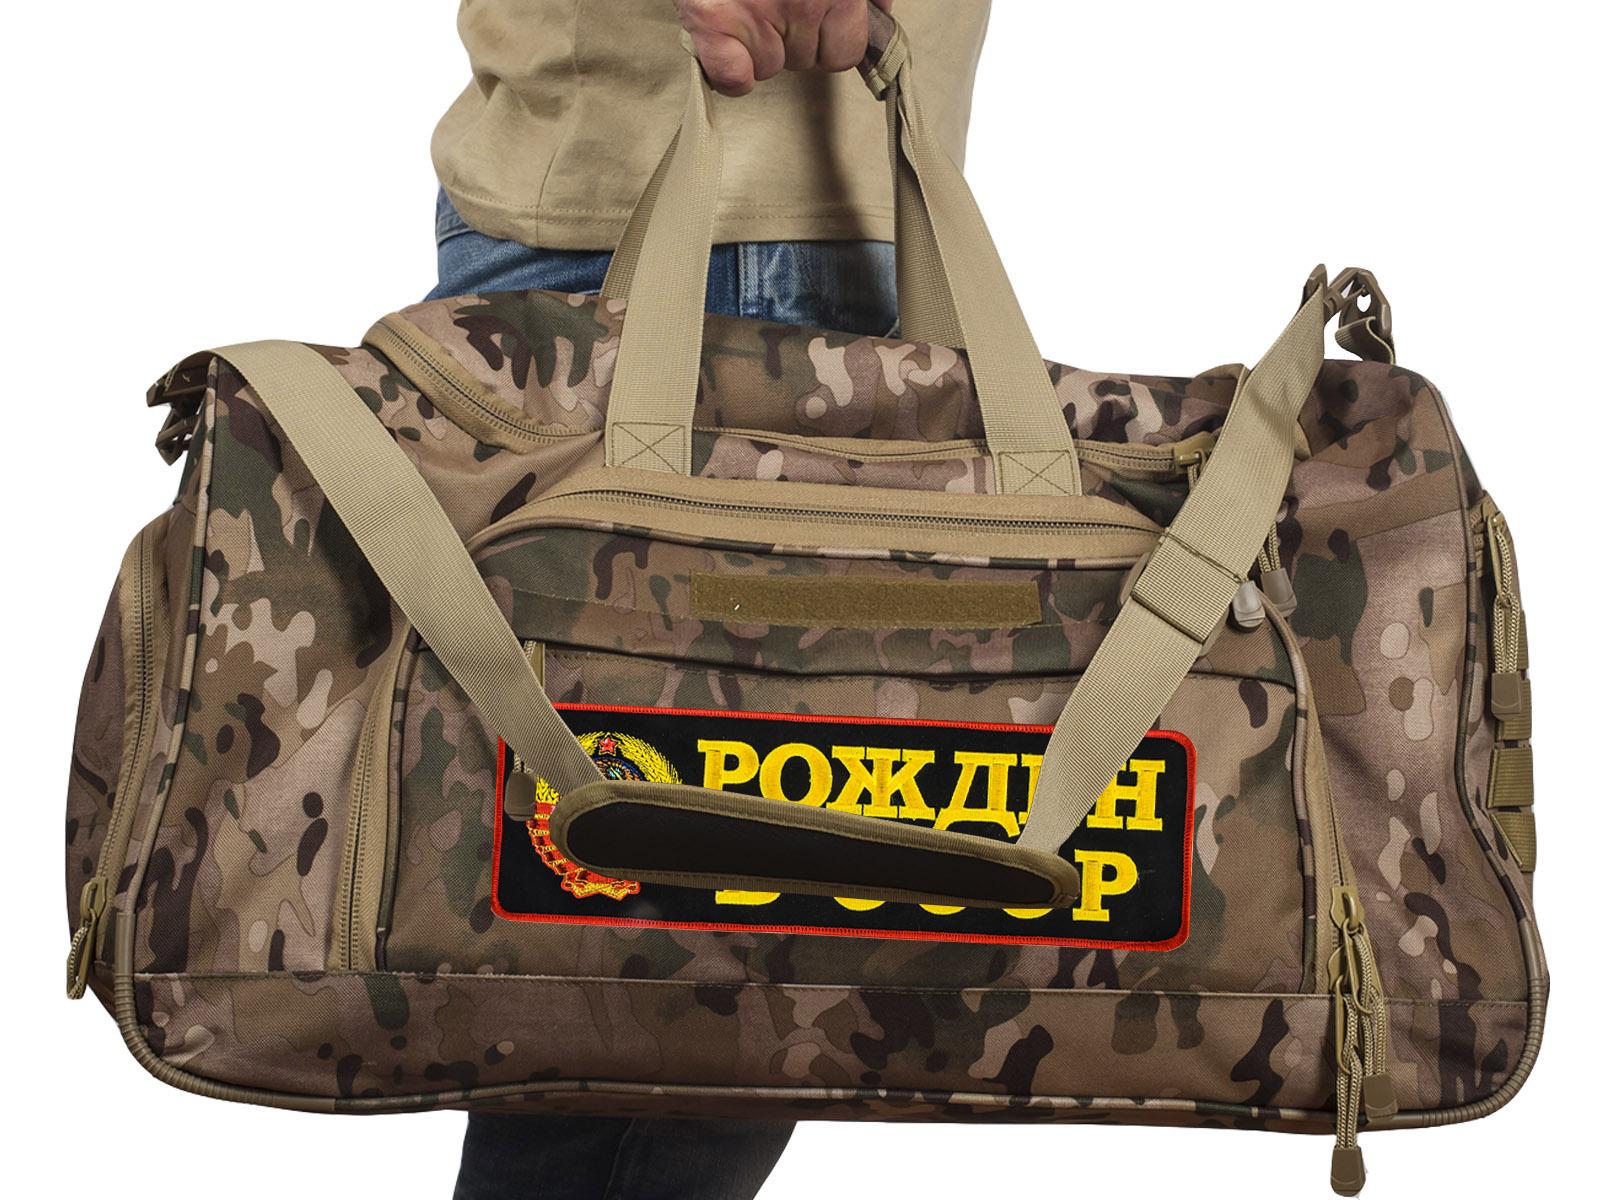 Купить Тревожную сумку 08032B Multicam Рожден в СССР по лучшей цене